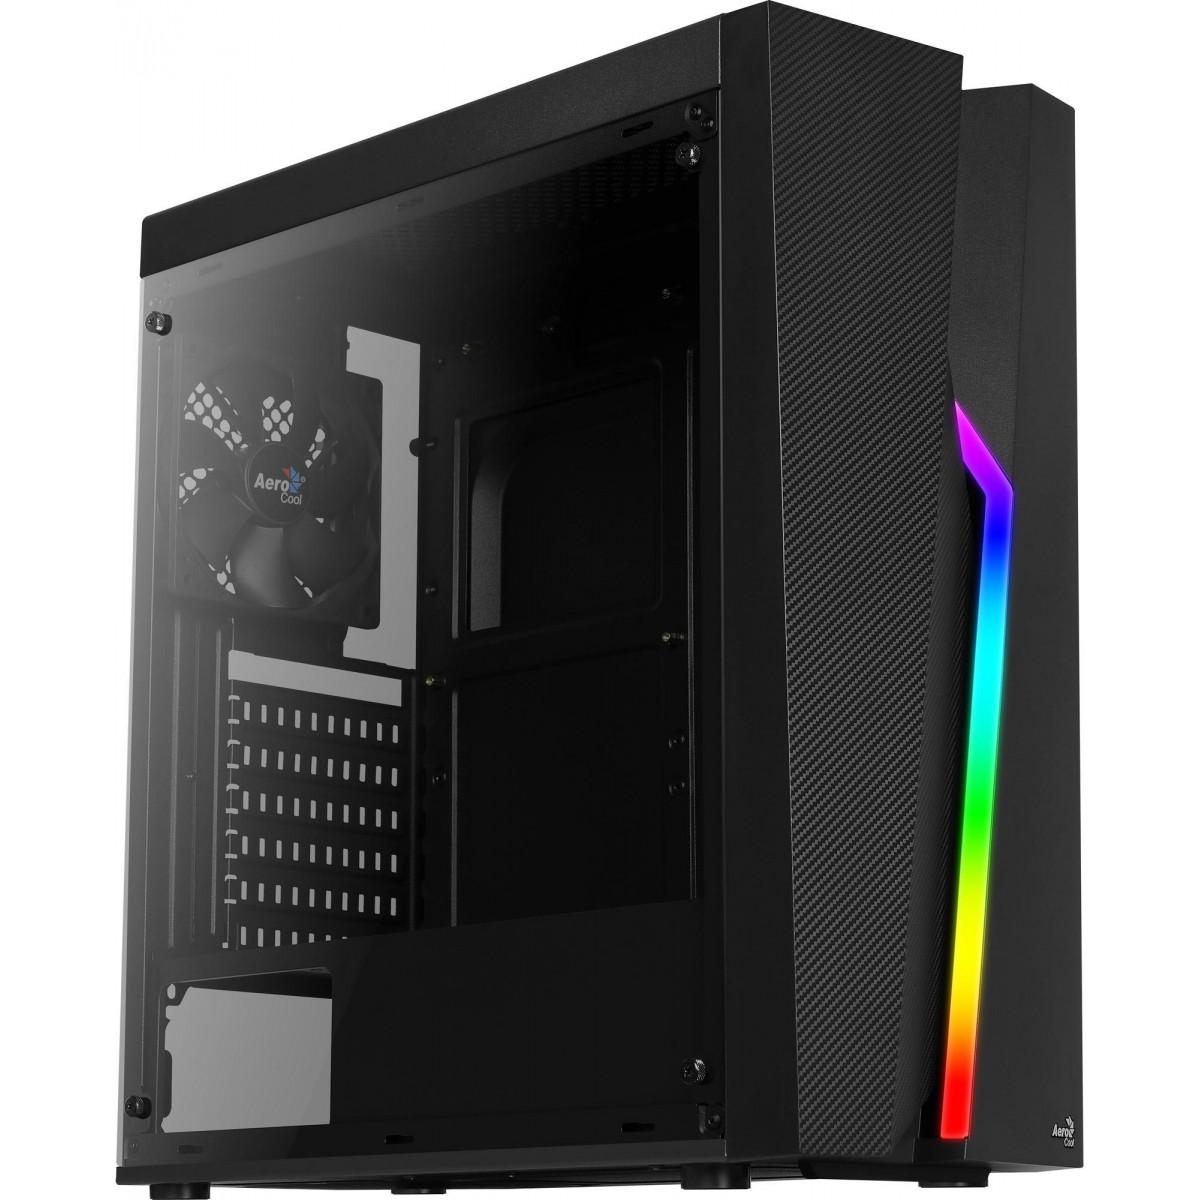 Pc Gamer T-Moba Gladiator Lvl-4 Intel Pentium G5400 / Radeon Rx 550 4GB / DDR4 8GB / HD 1TB